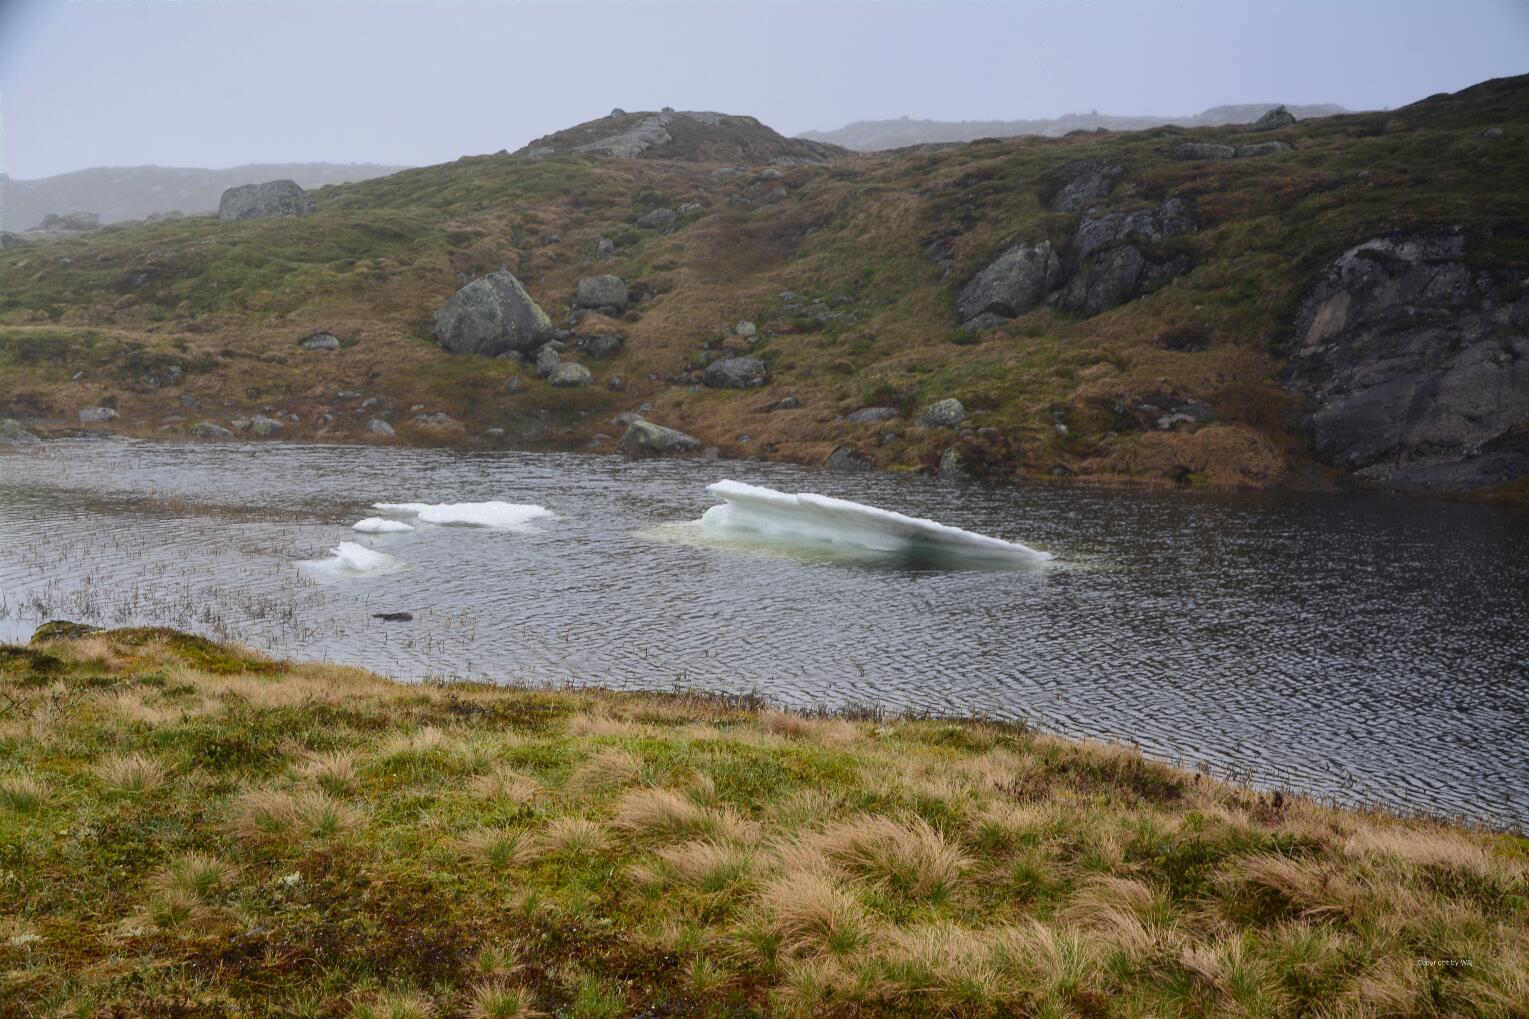 Minieisberge treiben auf ruhigem Wasser.